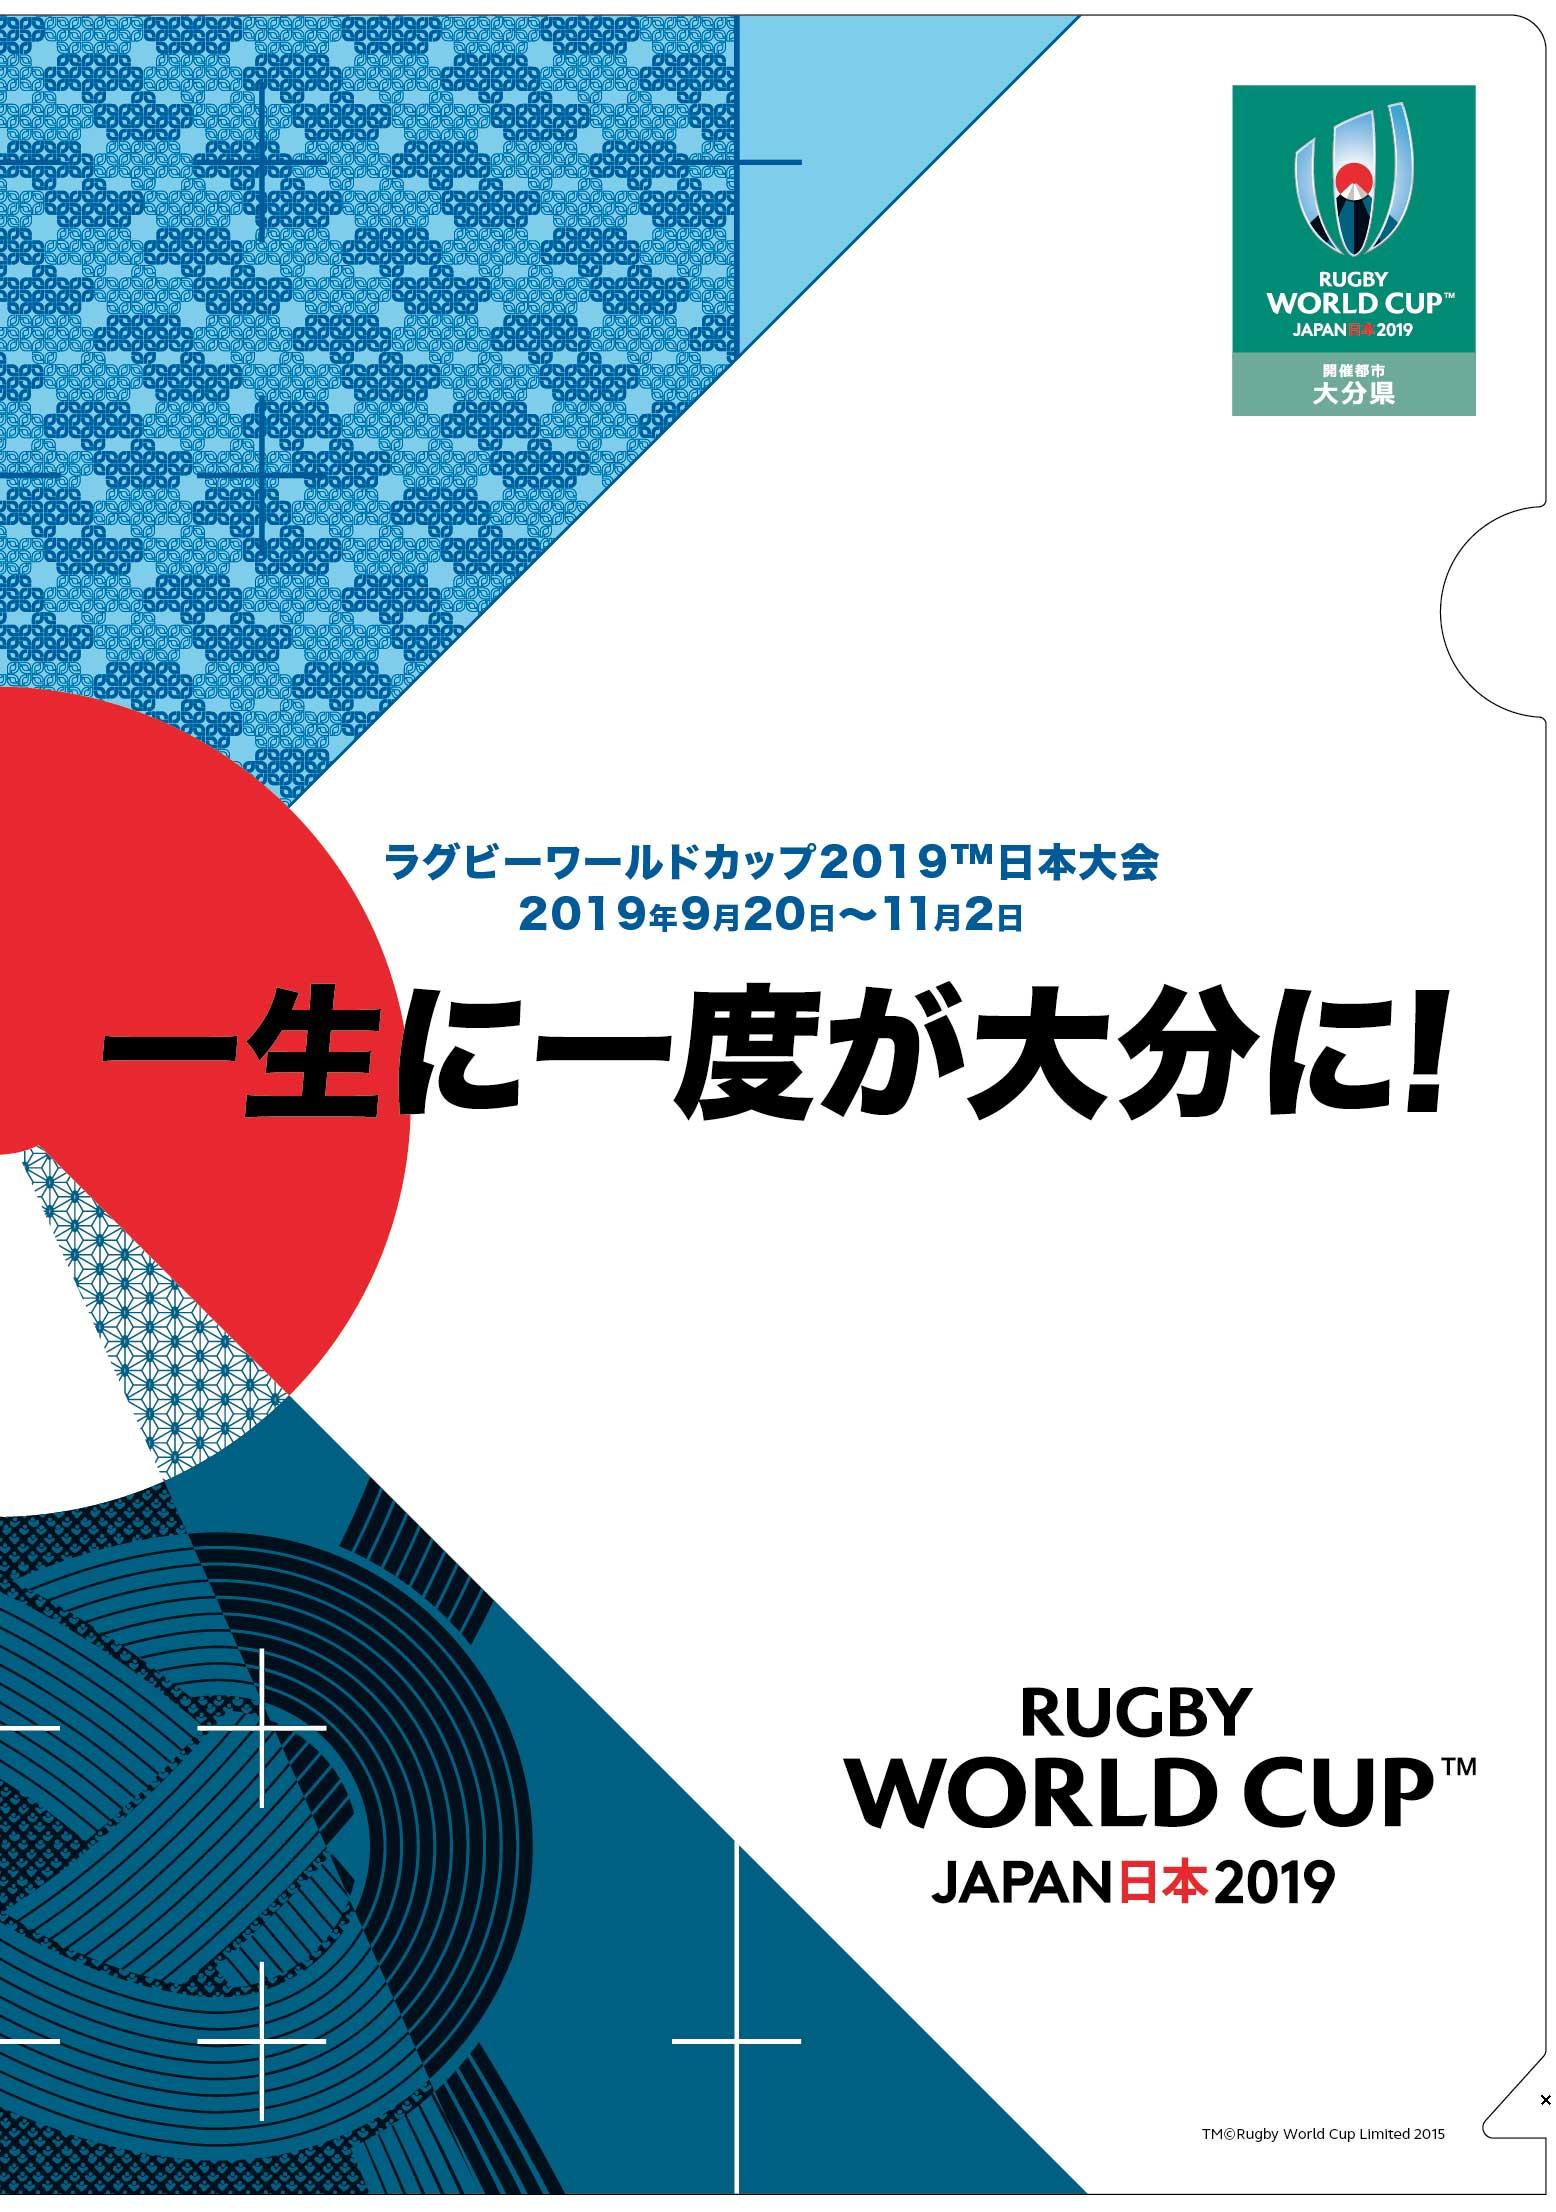 大分県 ラグビーワールドカップ2019 クリアファイル